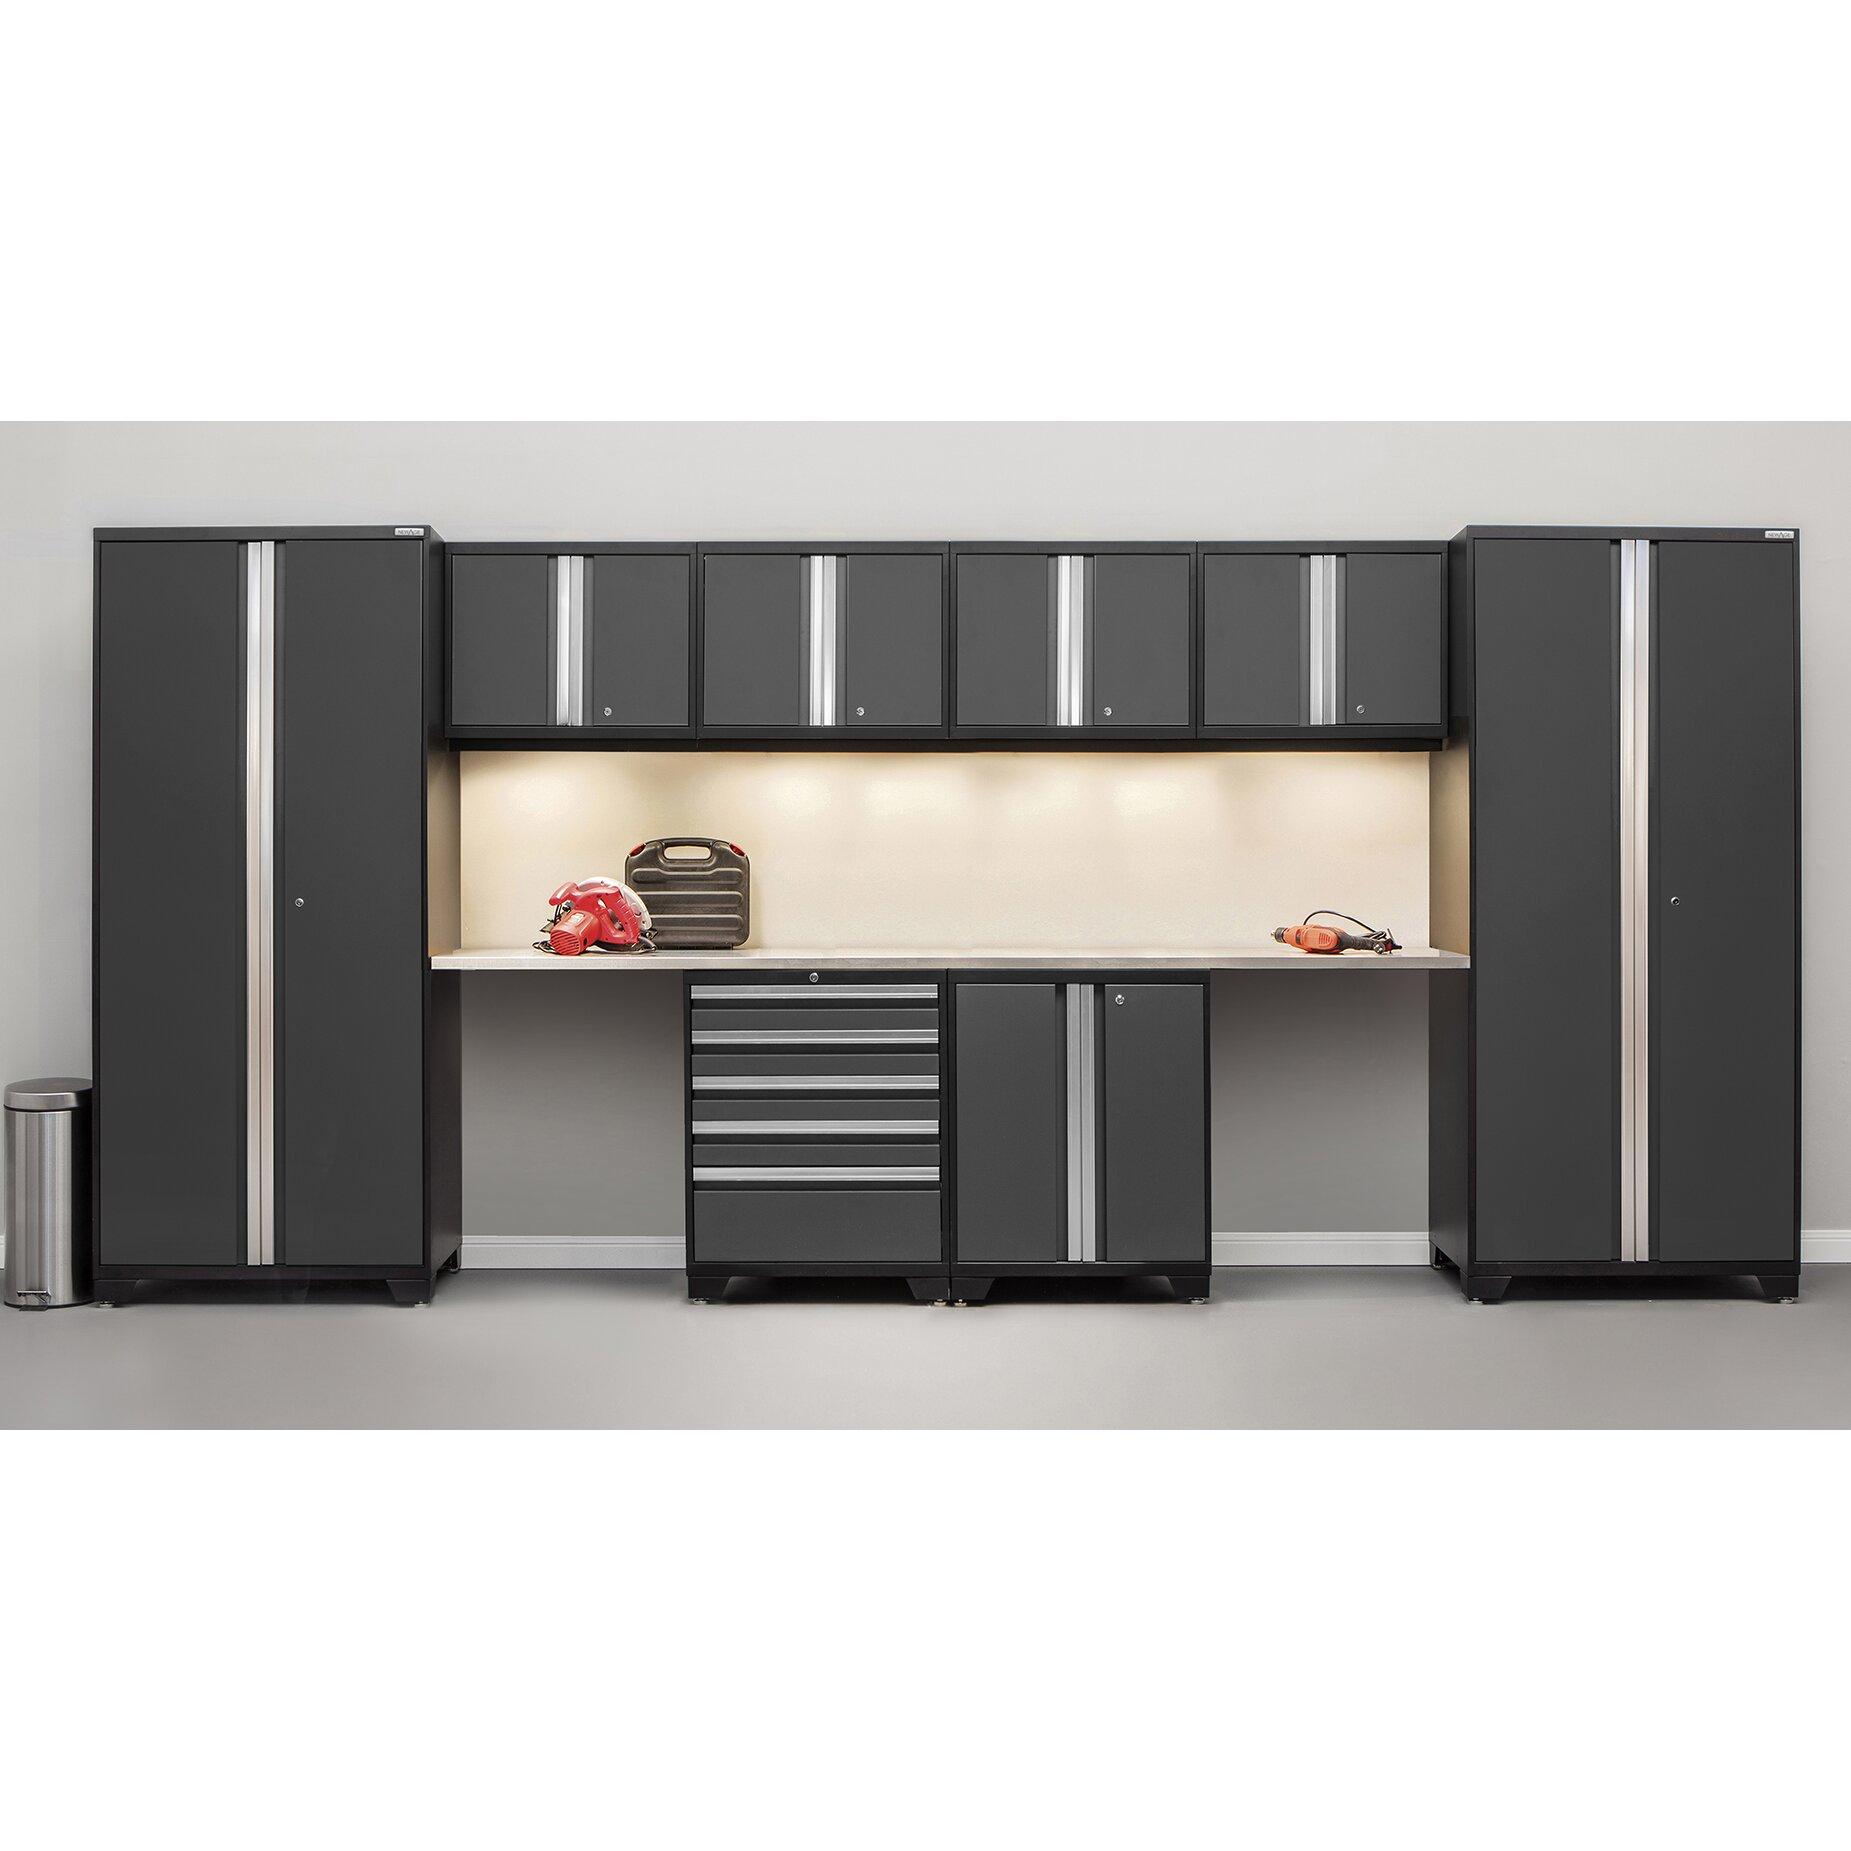 Newage products pro 3 0 series 10 piece garage storage for 3 piece metal kitchen units